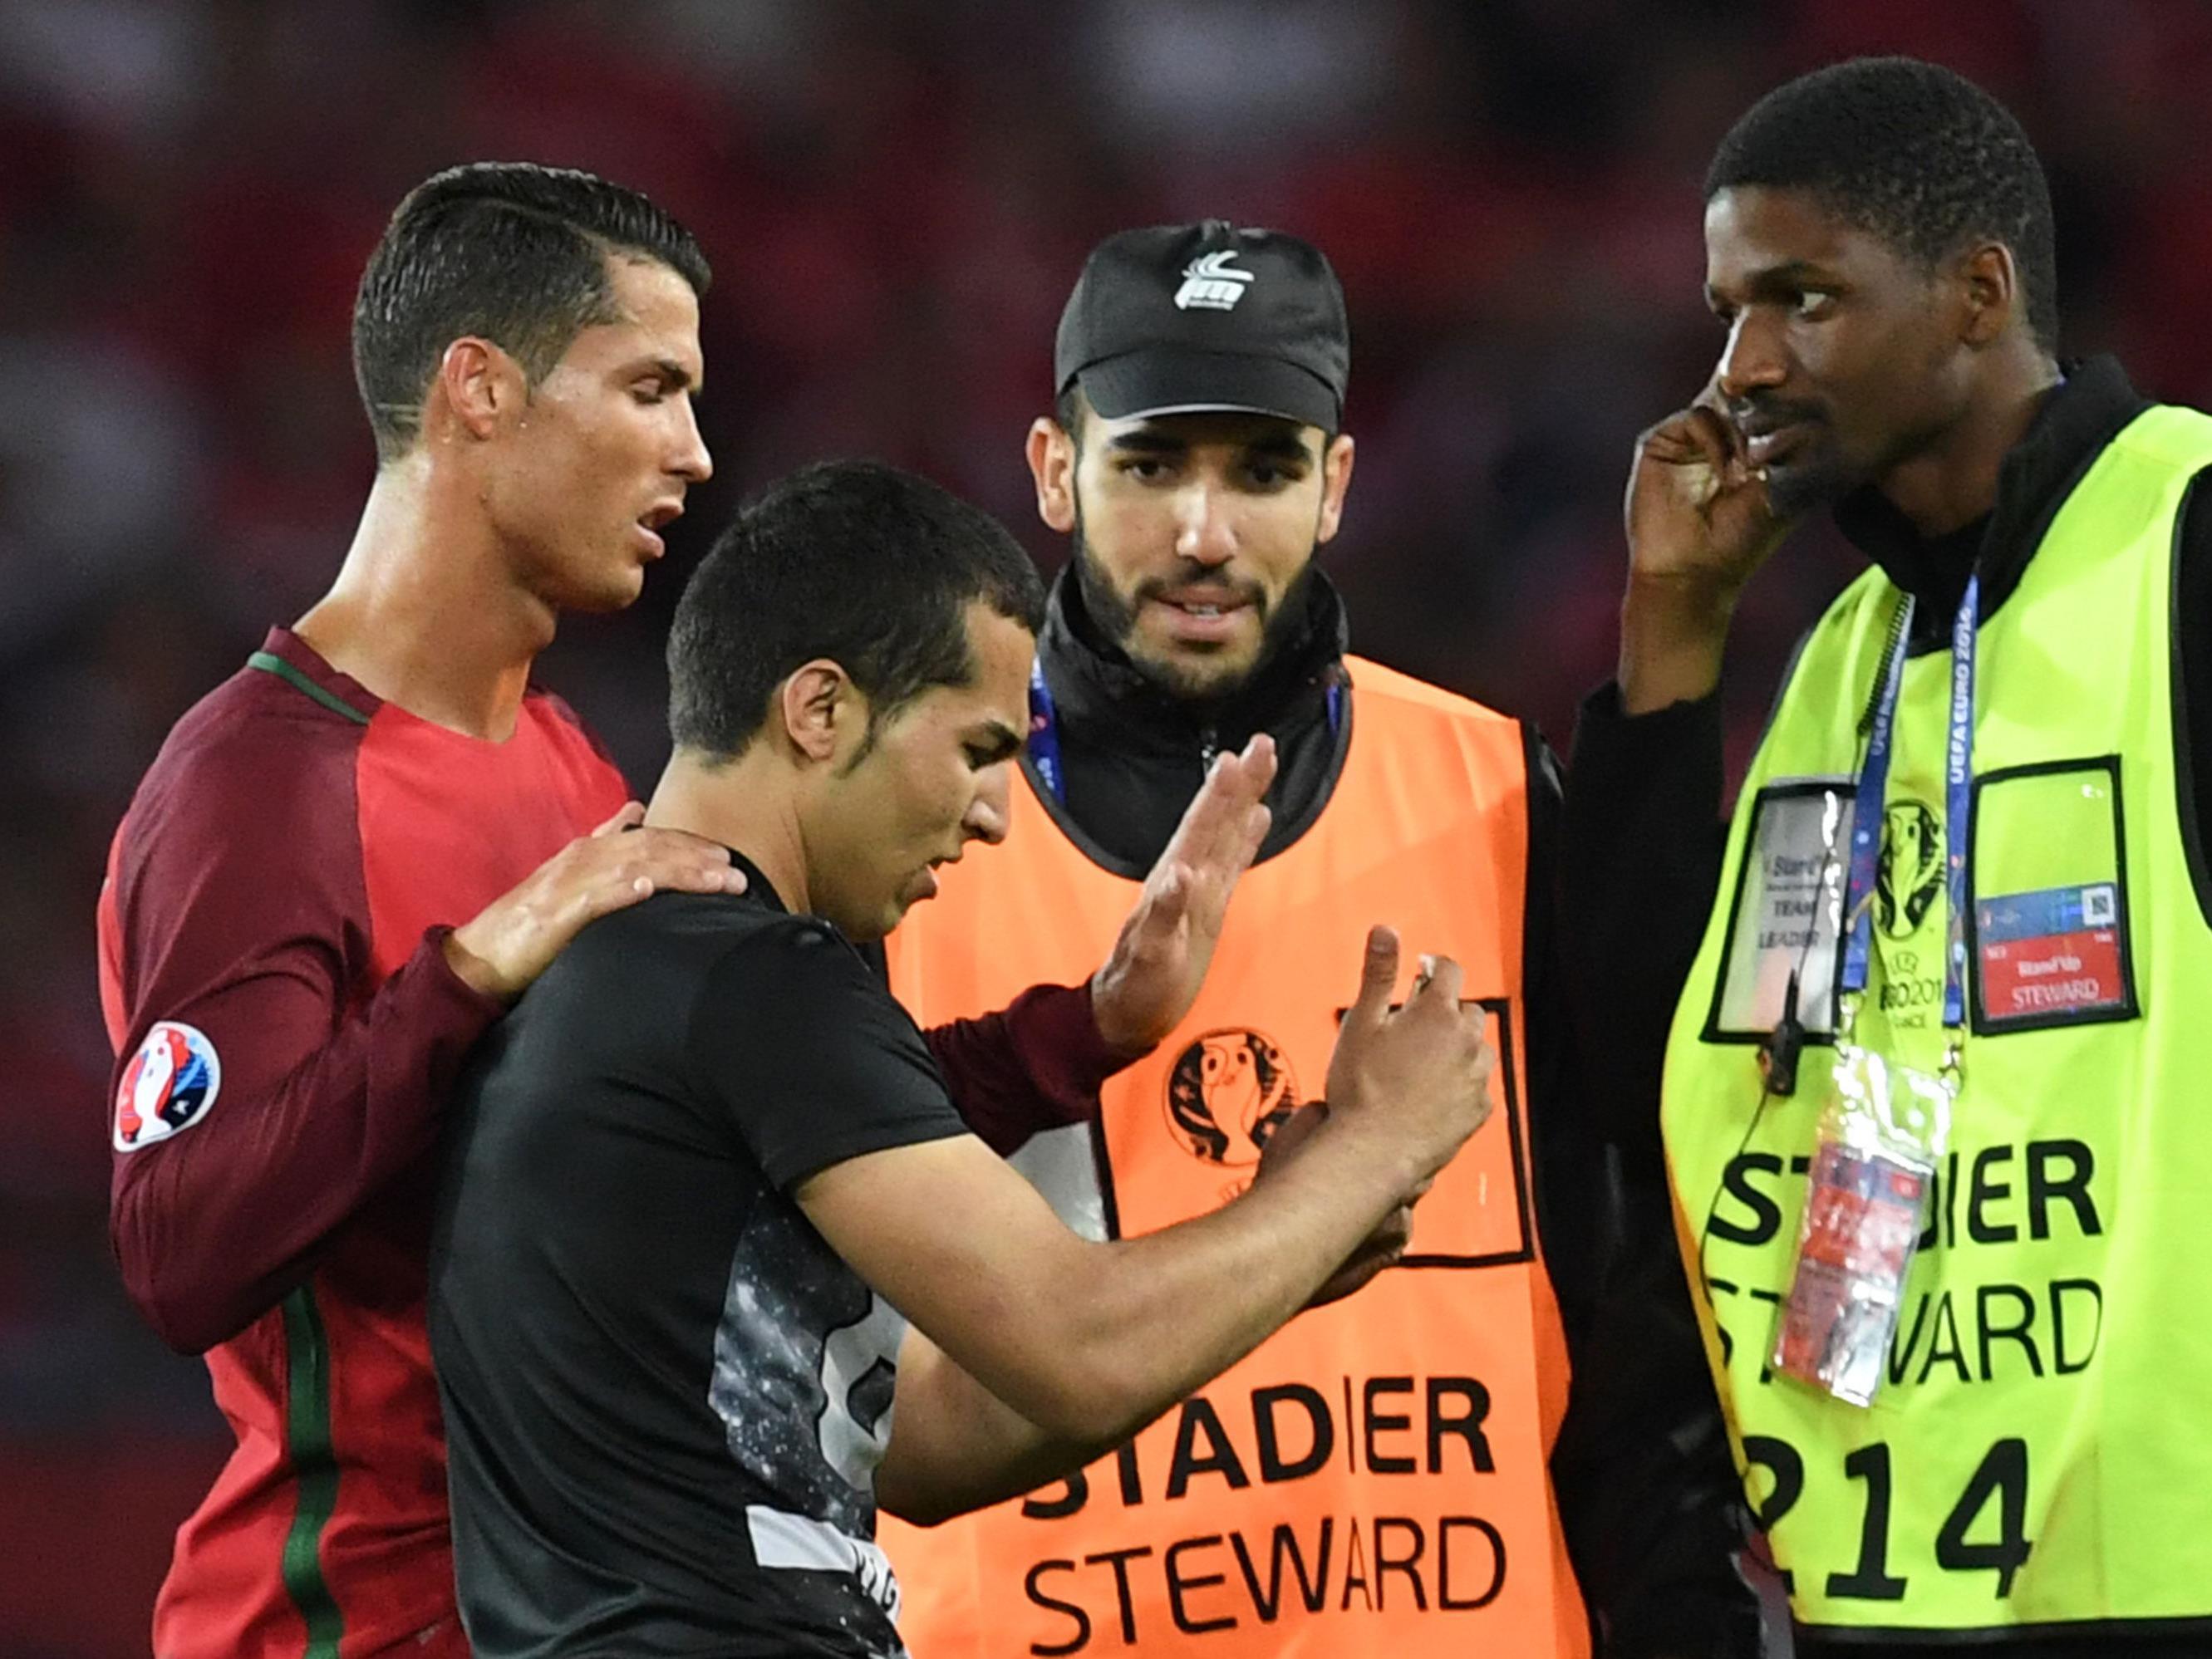 Der Flitzer nützte die Chance und nahm ein Selfie mit Superstar Ronaldo auf.